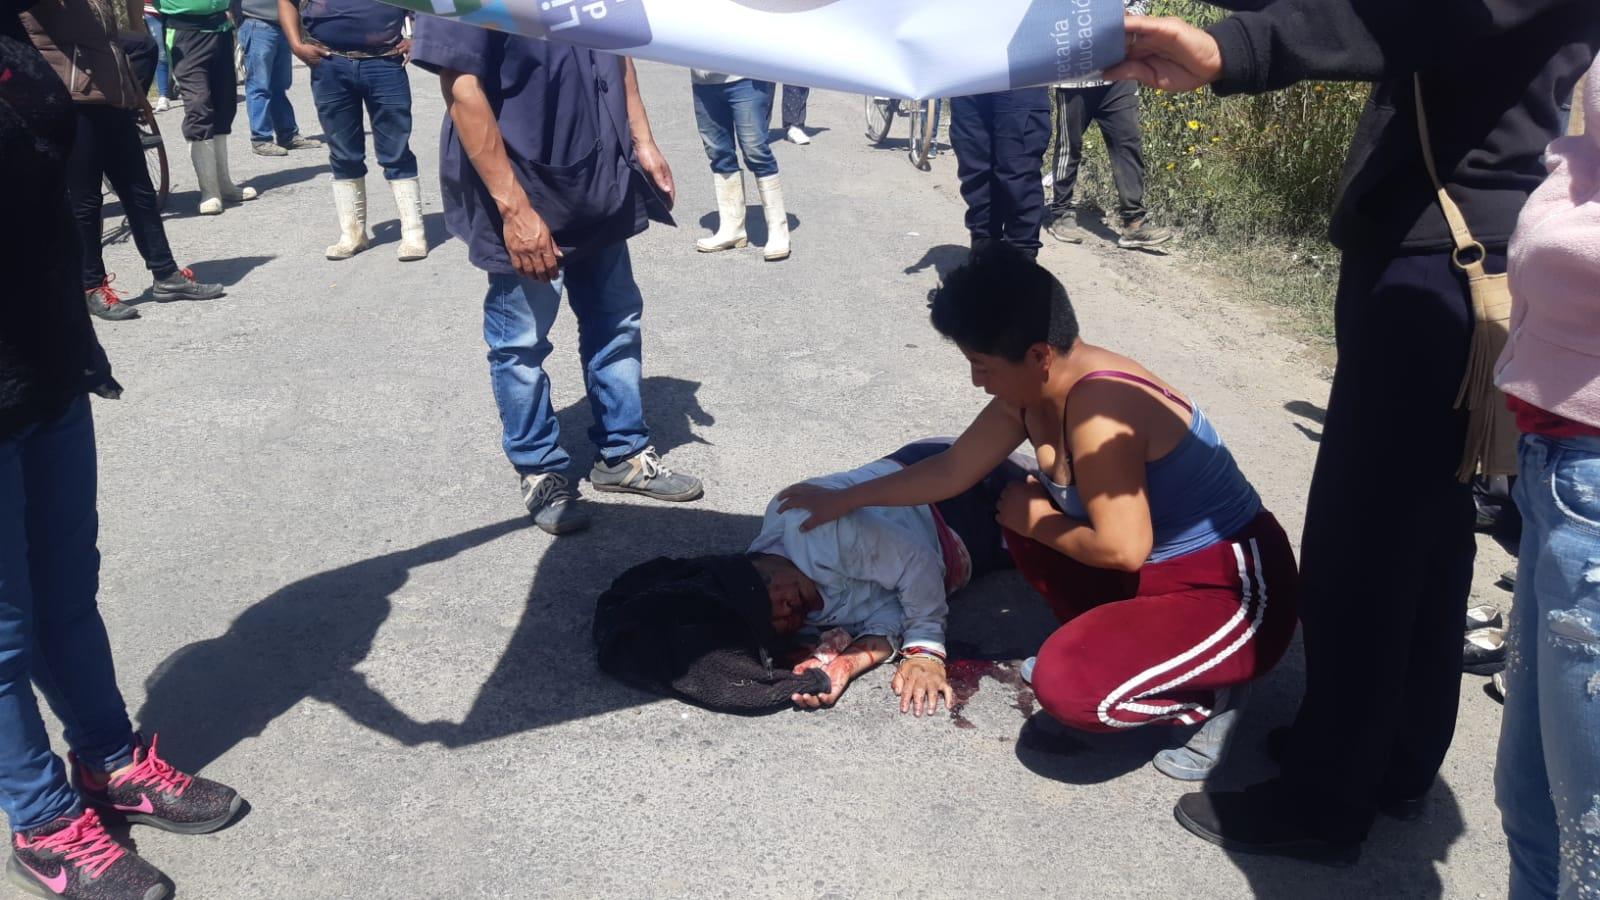 Entrega de ambulancias al estado complica atención de emergencias en Texmelucan